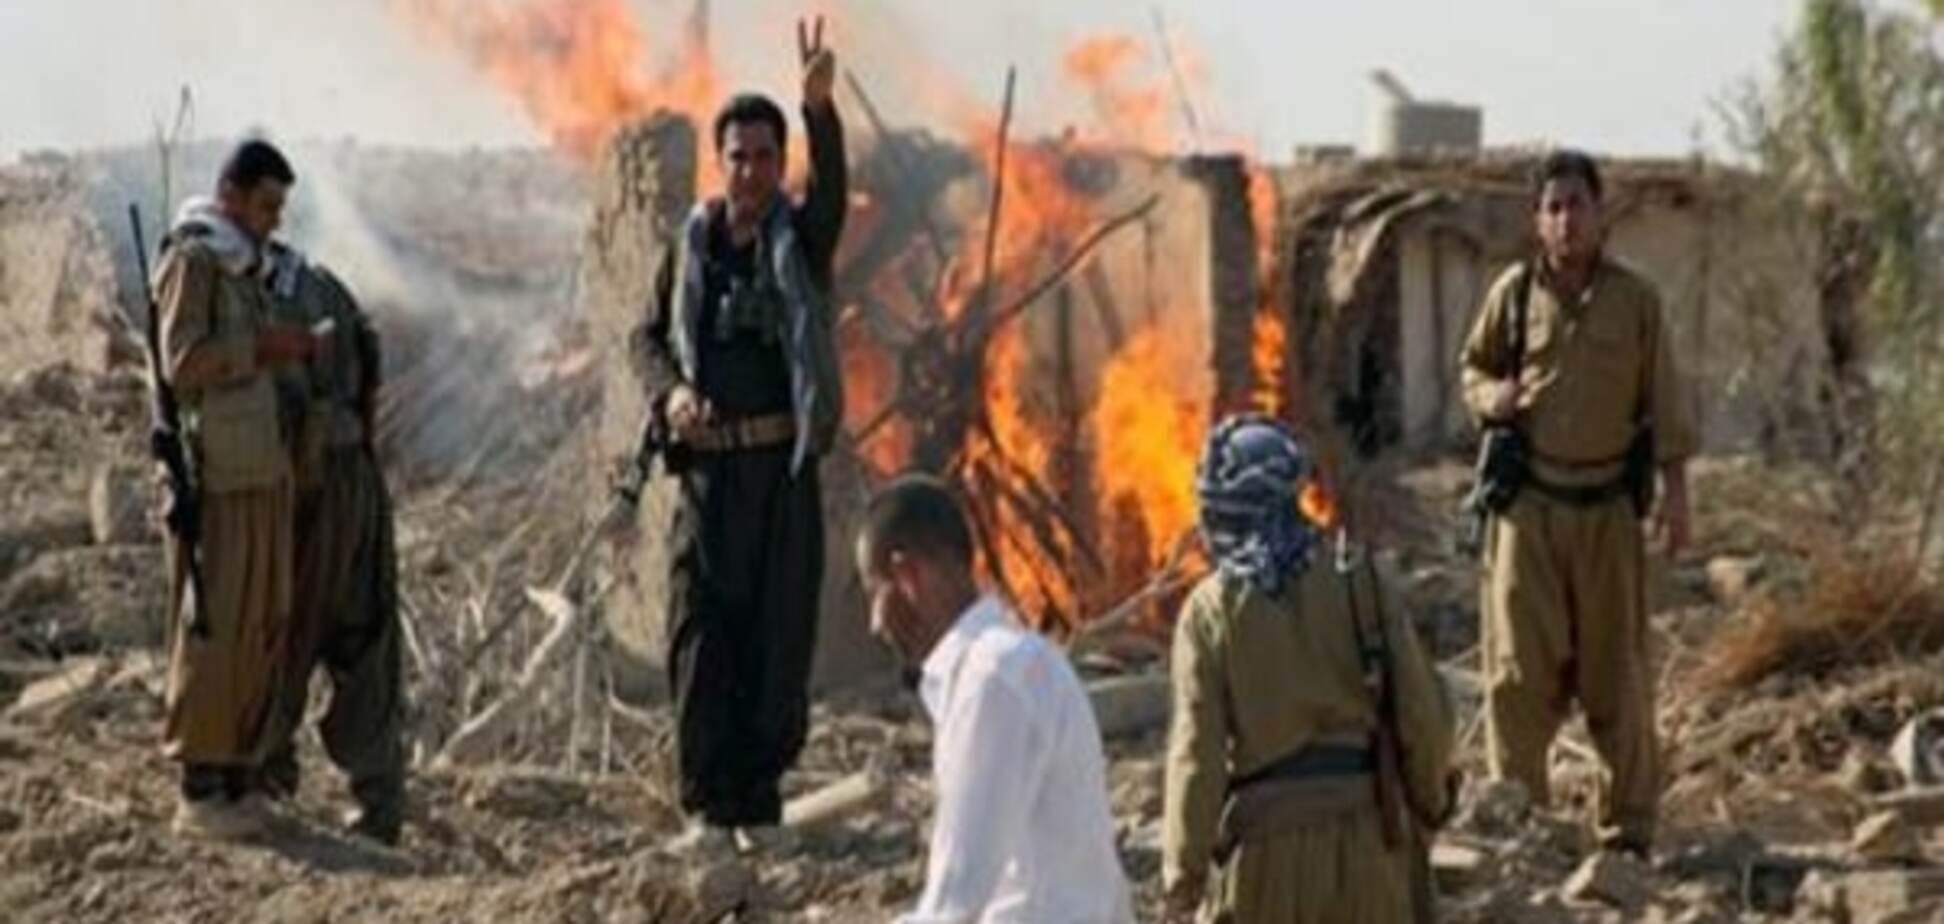 Багдад закликав Анкару вивести свої війська з території Іраку